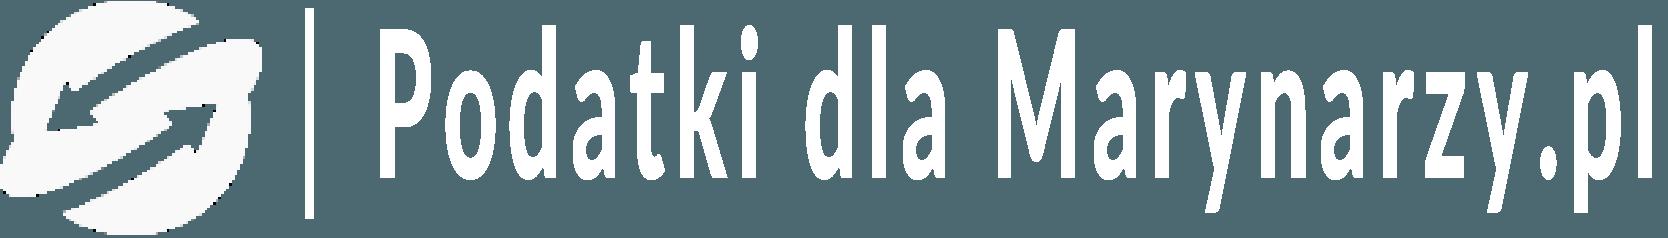 Podatki dla marynarzy.pl